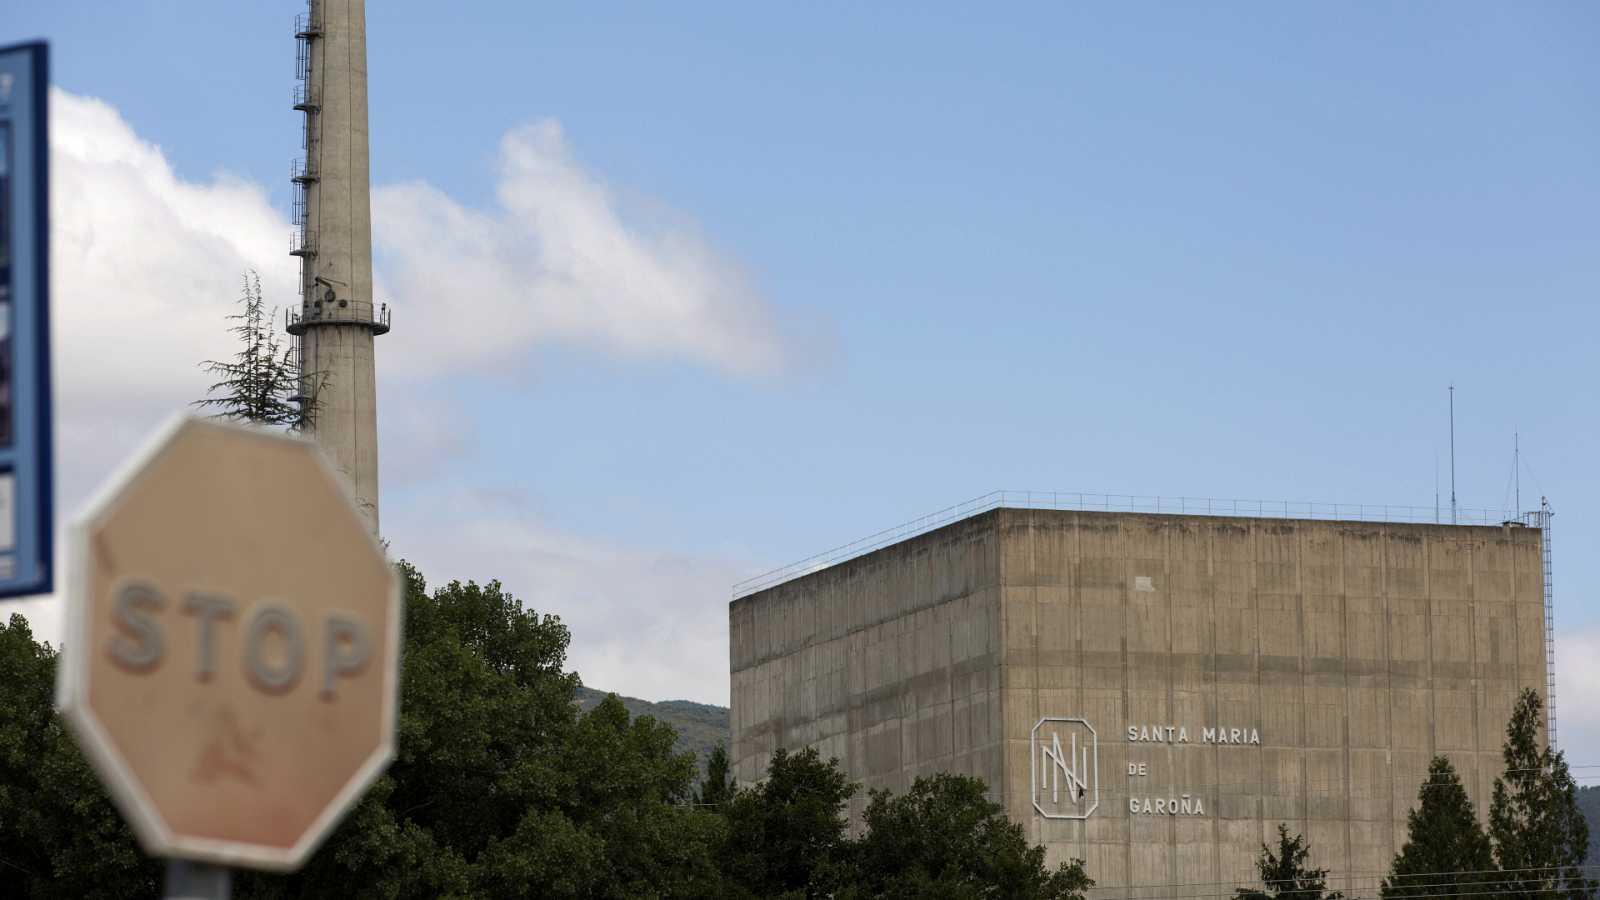 Boletines RNE - El plan de desmantelamiento de Garoña costará 470 millones de euros y durará unos 10 años - Escuchar ahora